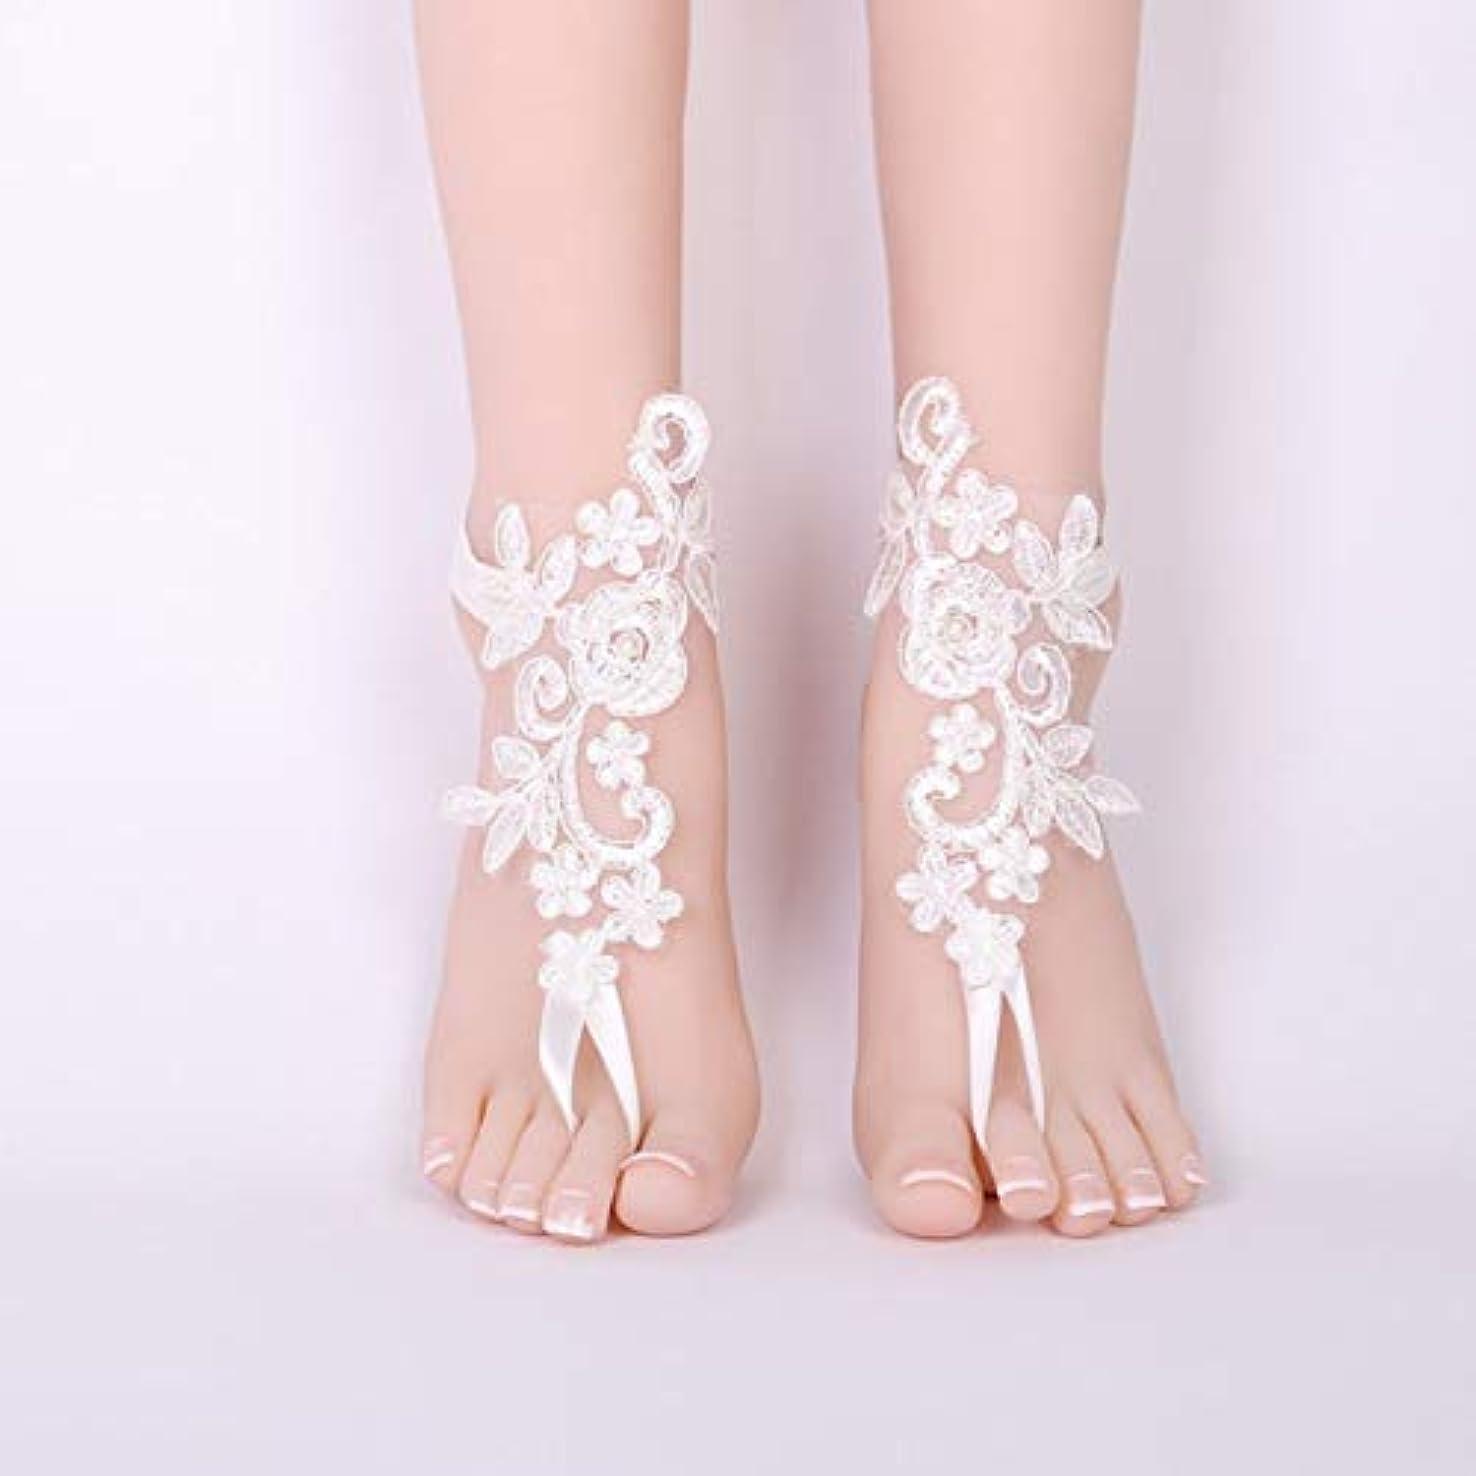 に慣れ宿題をするセーブDeeploveUU セクシーな結婚式のレースの裸足サンダルビーチ結婚式のアンクレットホワイトセクシーなジュエリーの結婚式の靴